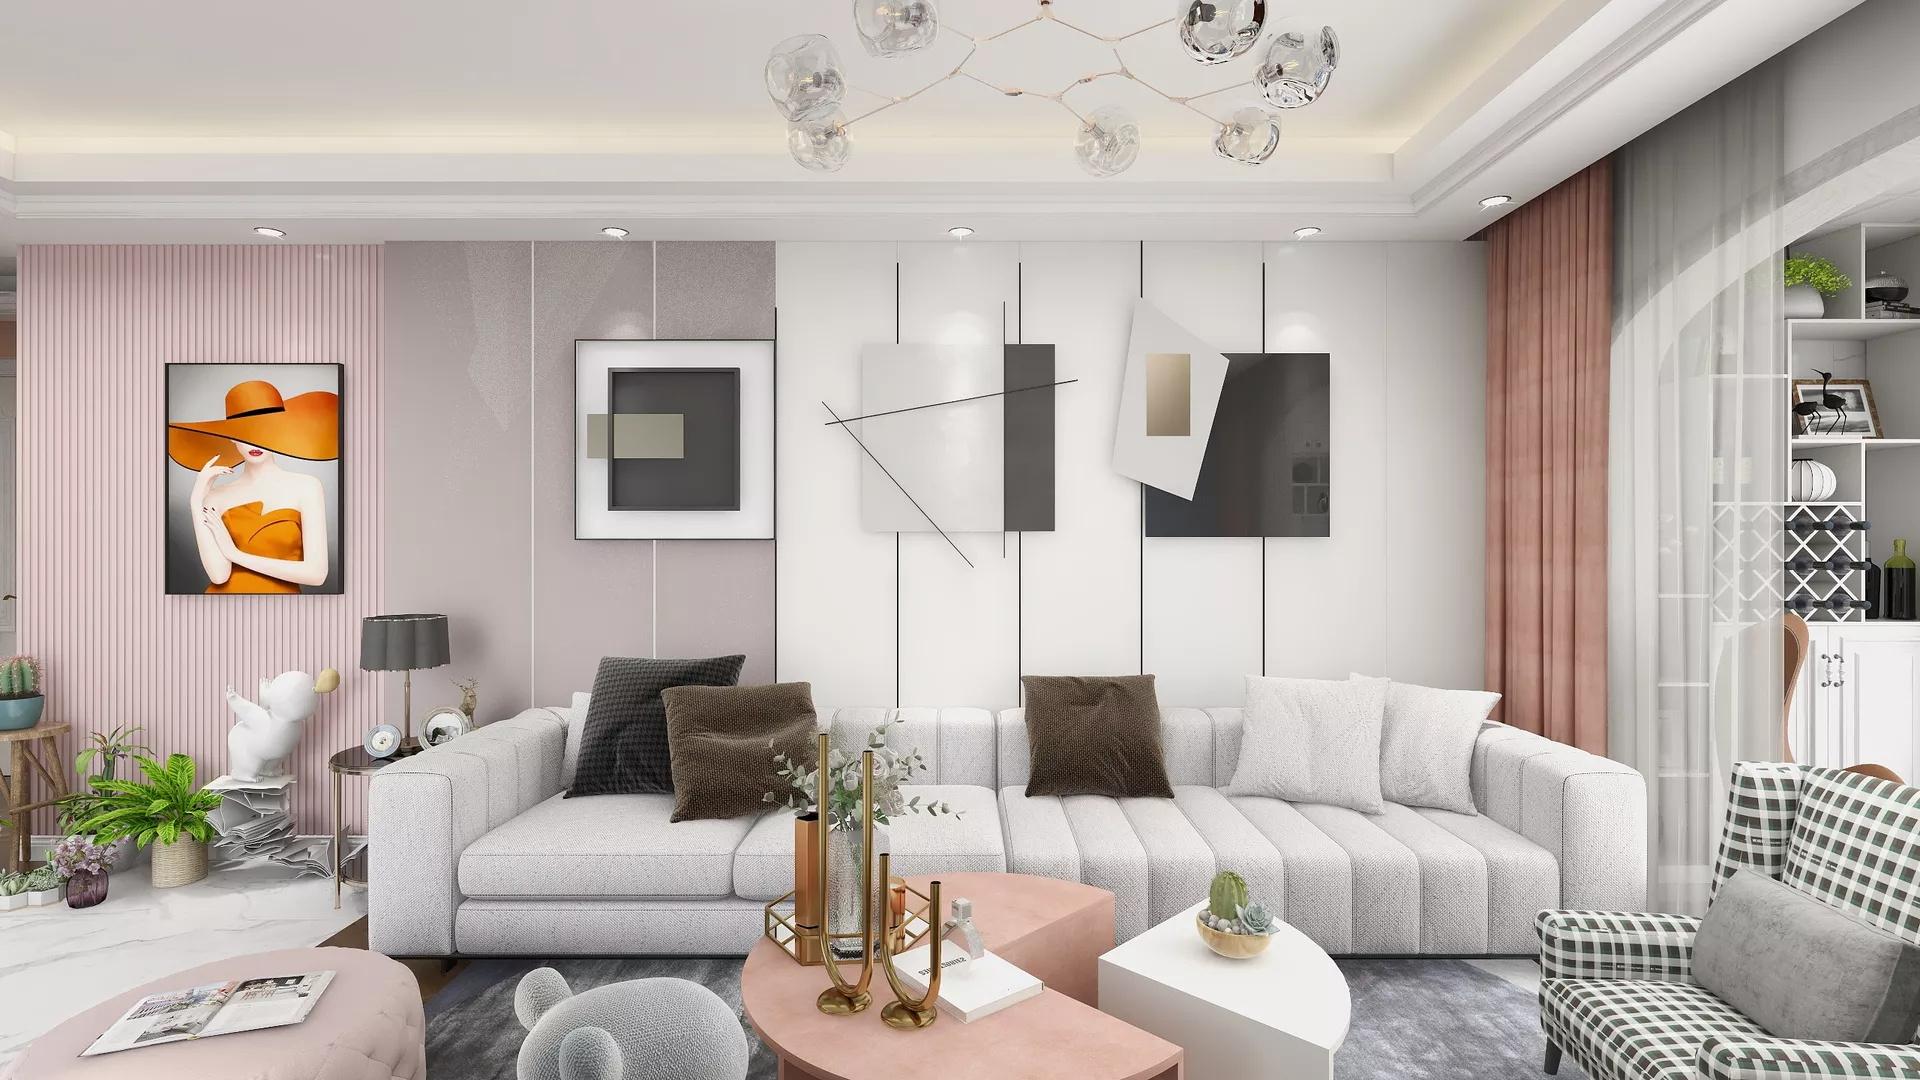 经济型舒适简约风格客厅装修效果图